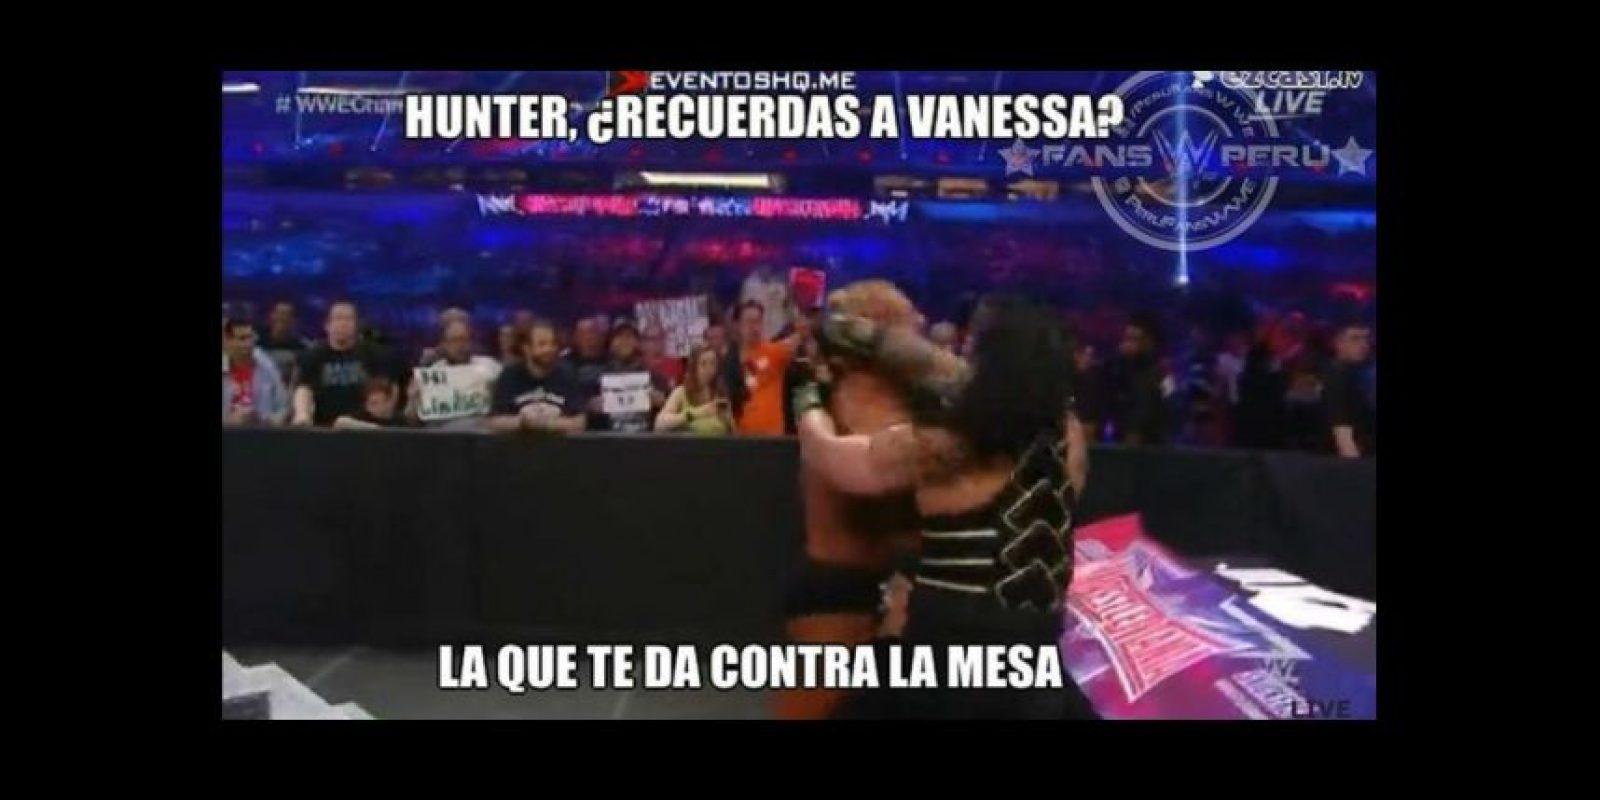 Los memes más graciosos de Wrestlemania 32 Foto:Twitter